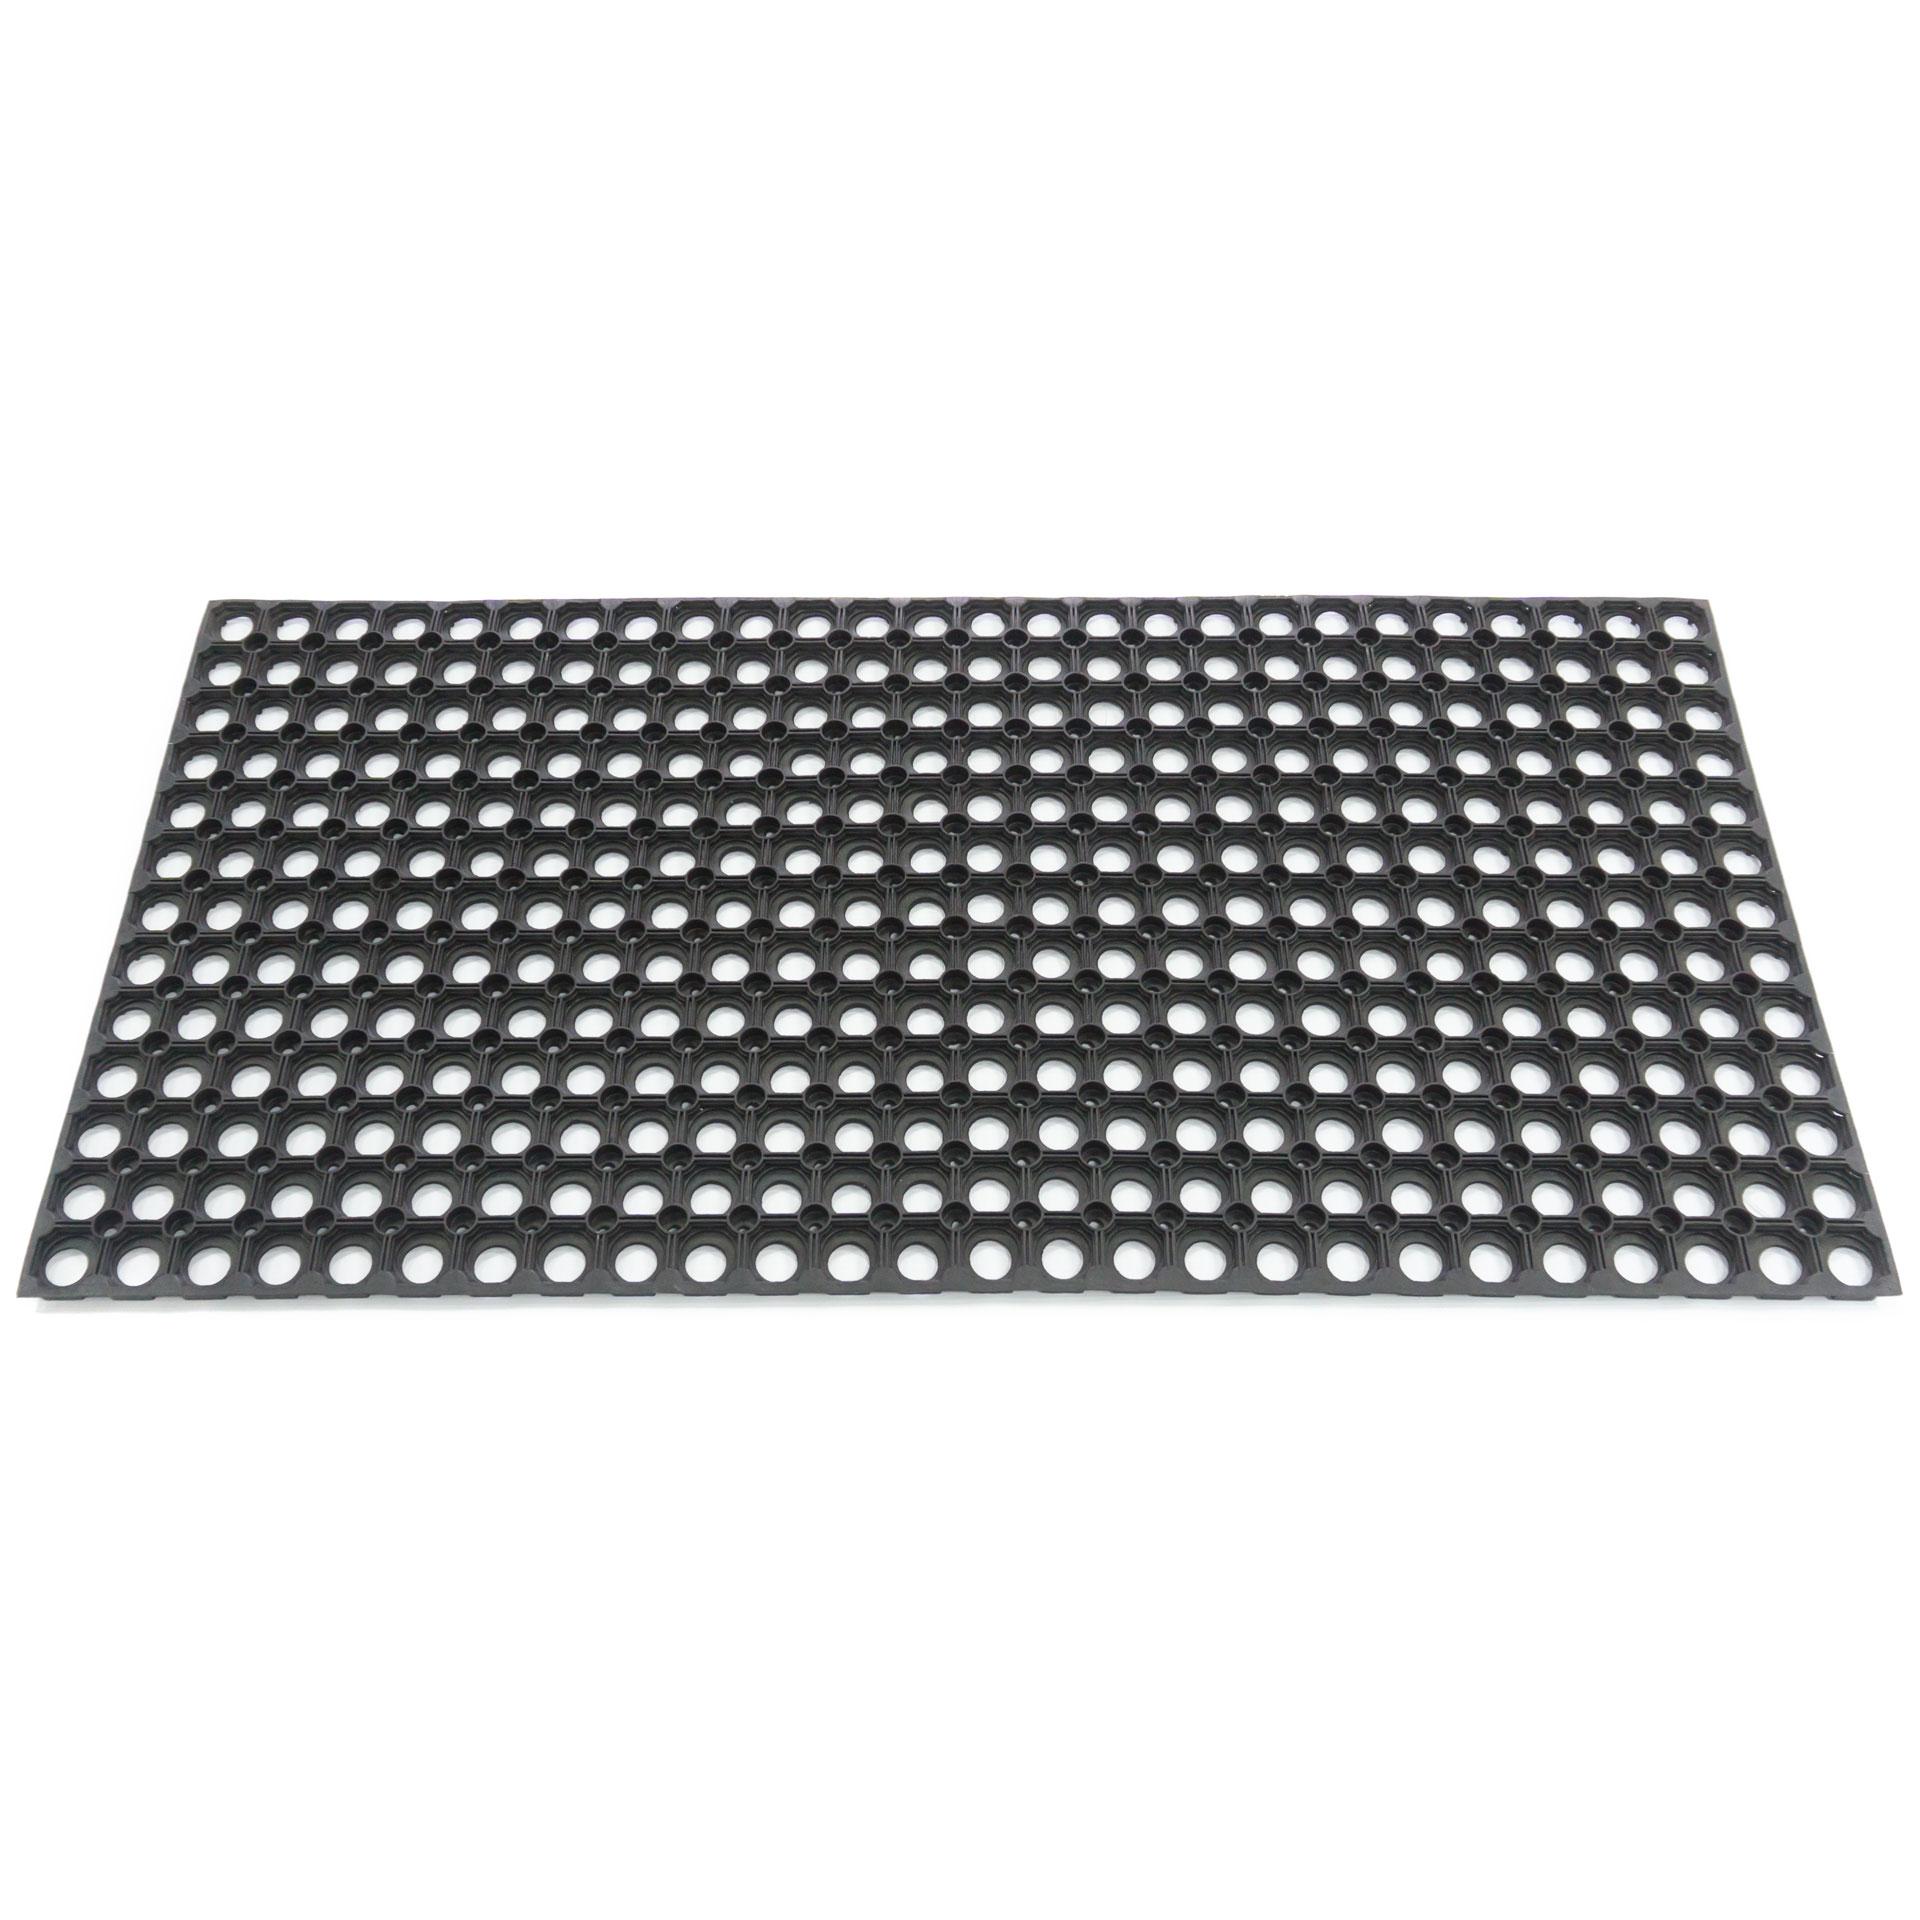 Резиновый коврик со сквозными отверстиями